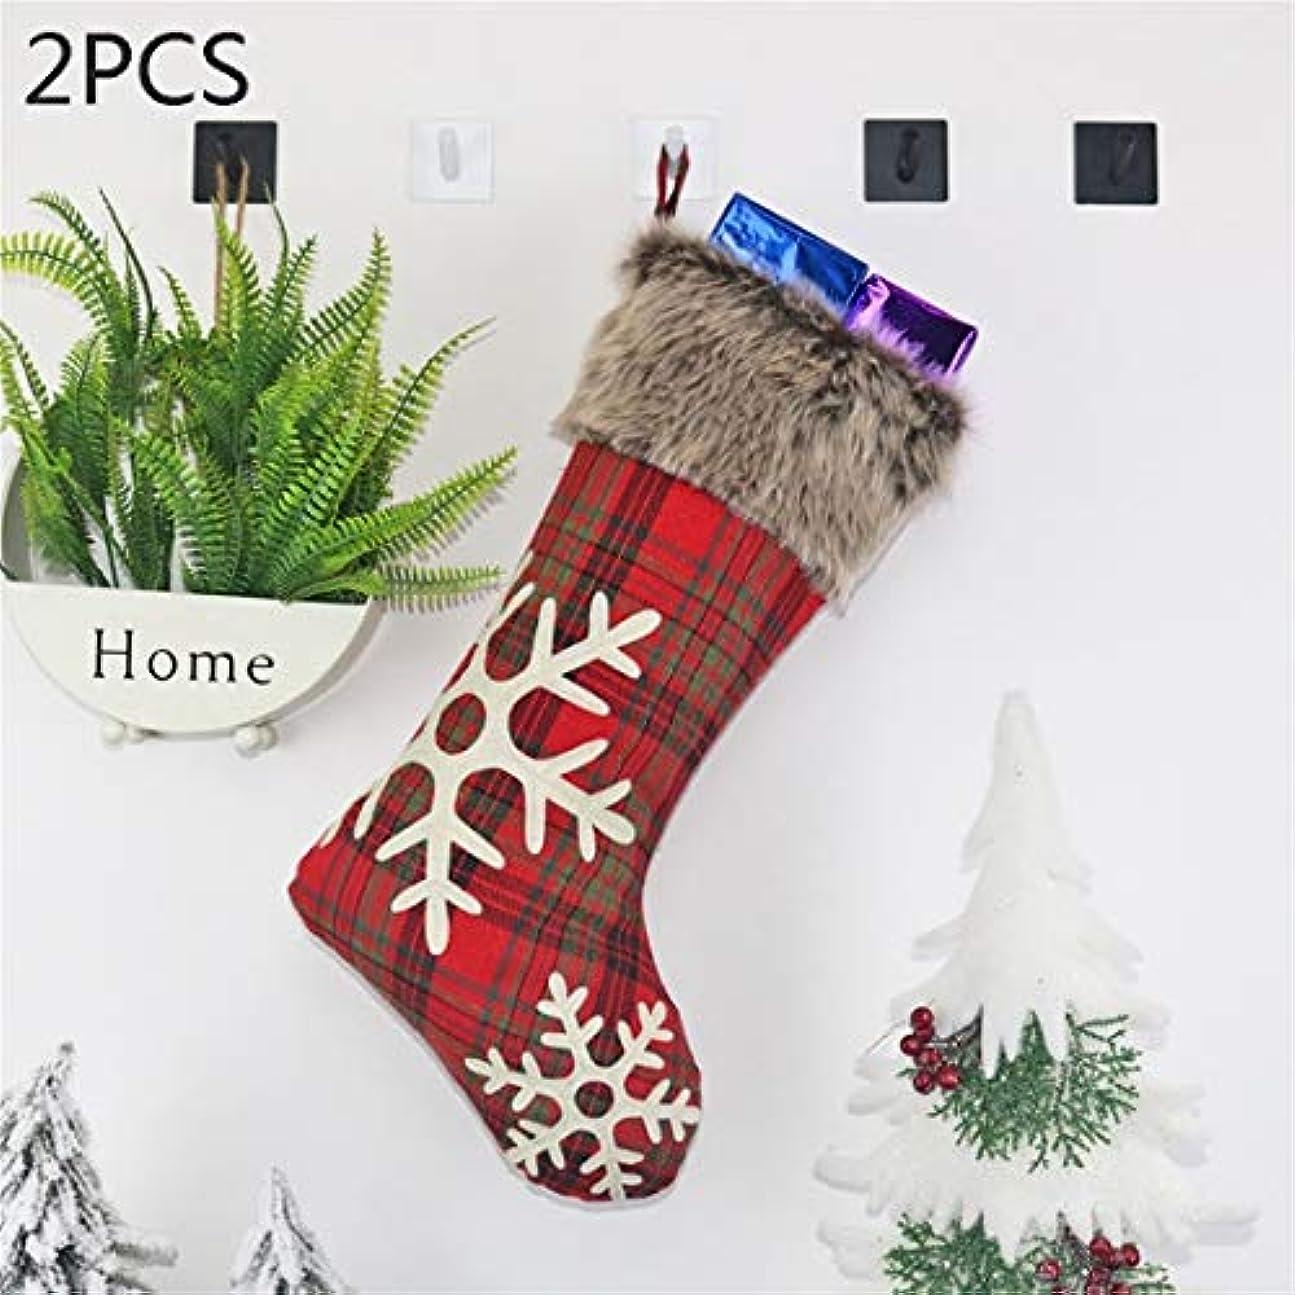 港利用可能納得させるLabos 2020クリスマススノーフレークぬいぐるみソックスギフトバッグクリスマスツリーのペンダントの飾り